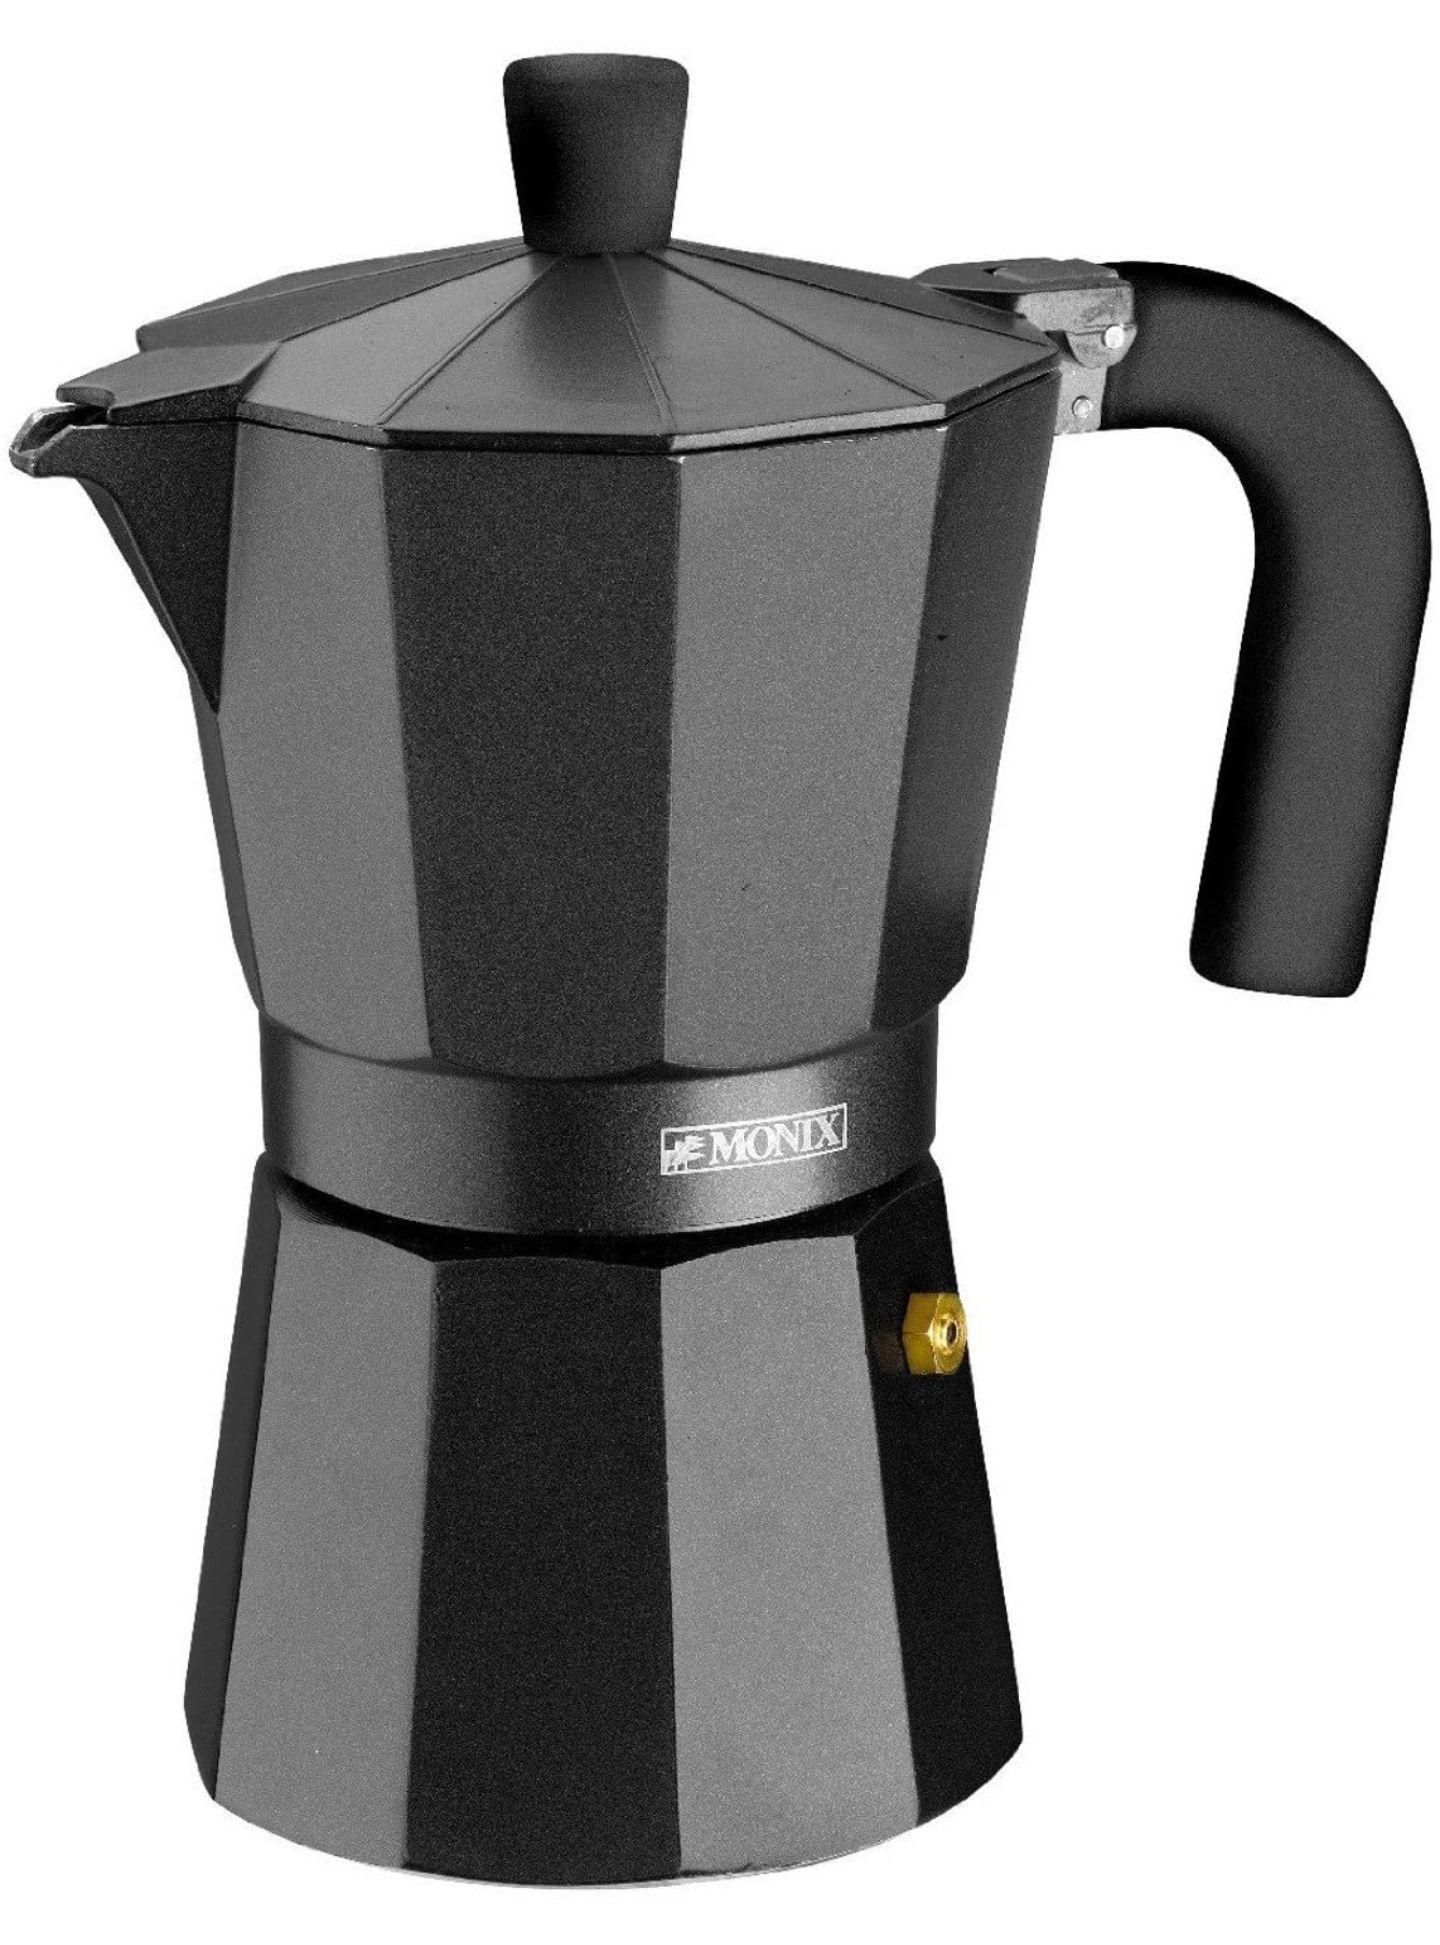 Monix Vitro Noir – Cafetera Italiana de aluminio 6 tazas